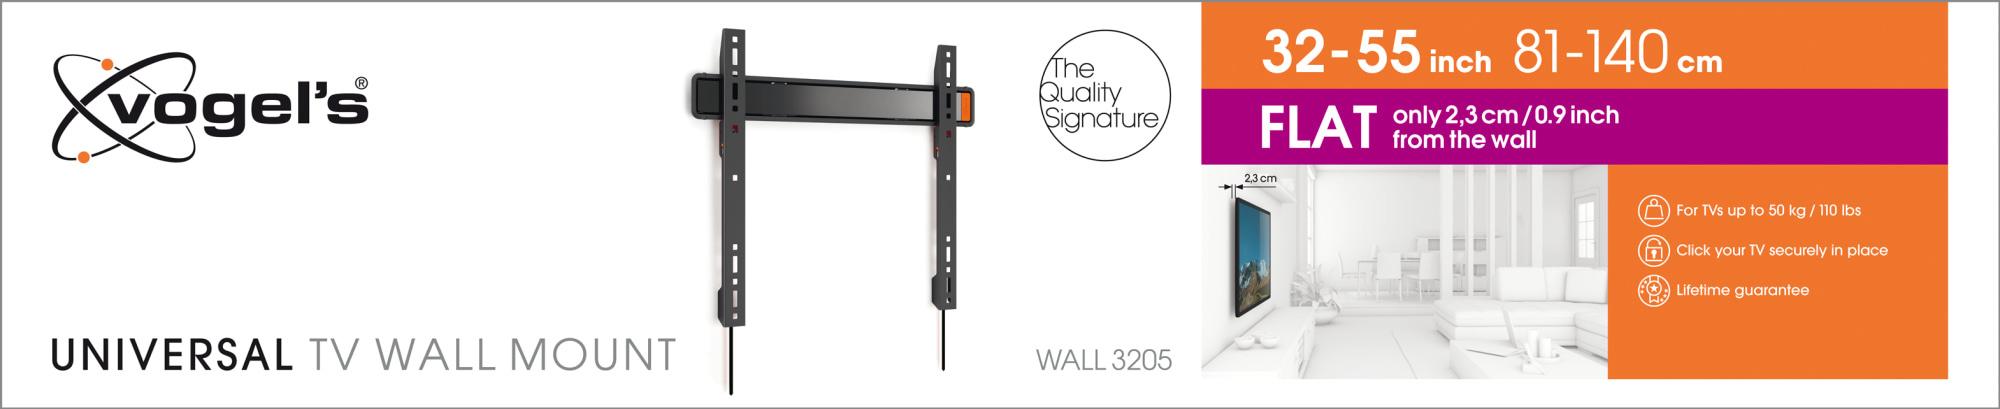 Vogels Vogels Wall 3205